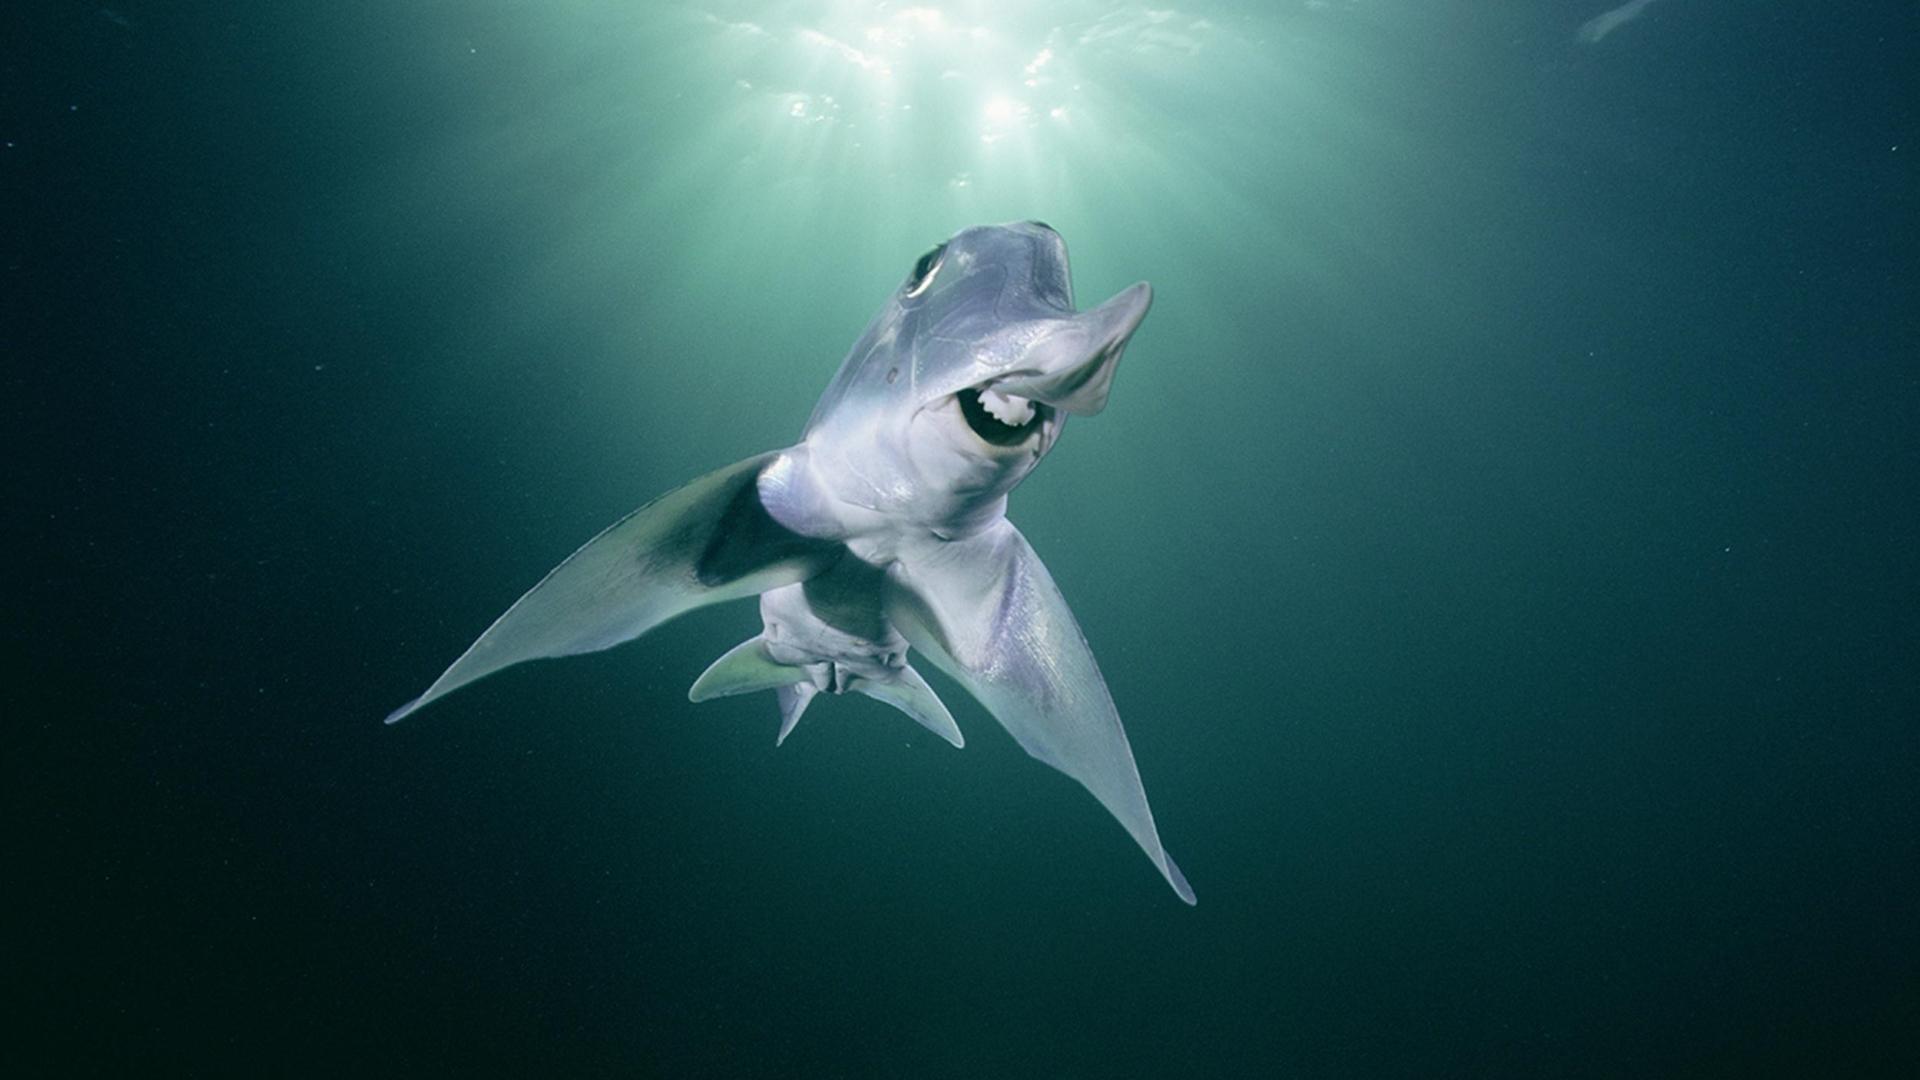 Слоновая акула-призрак помогает разобраться в эволюции наших рецепторов